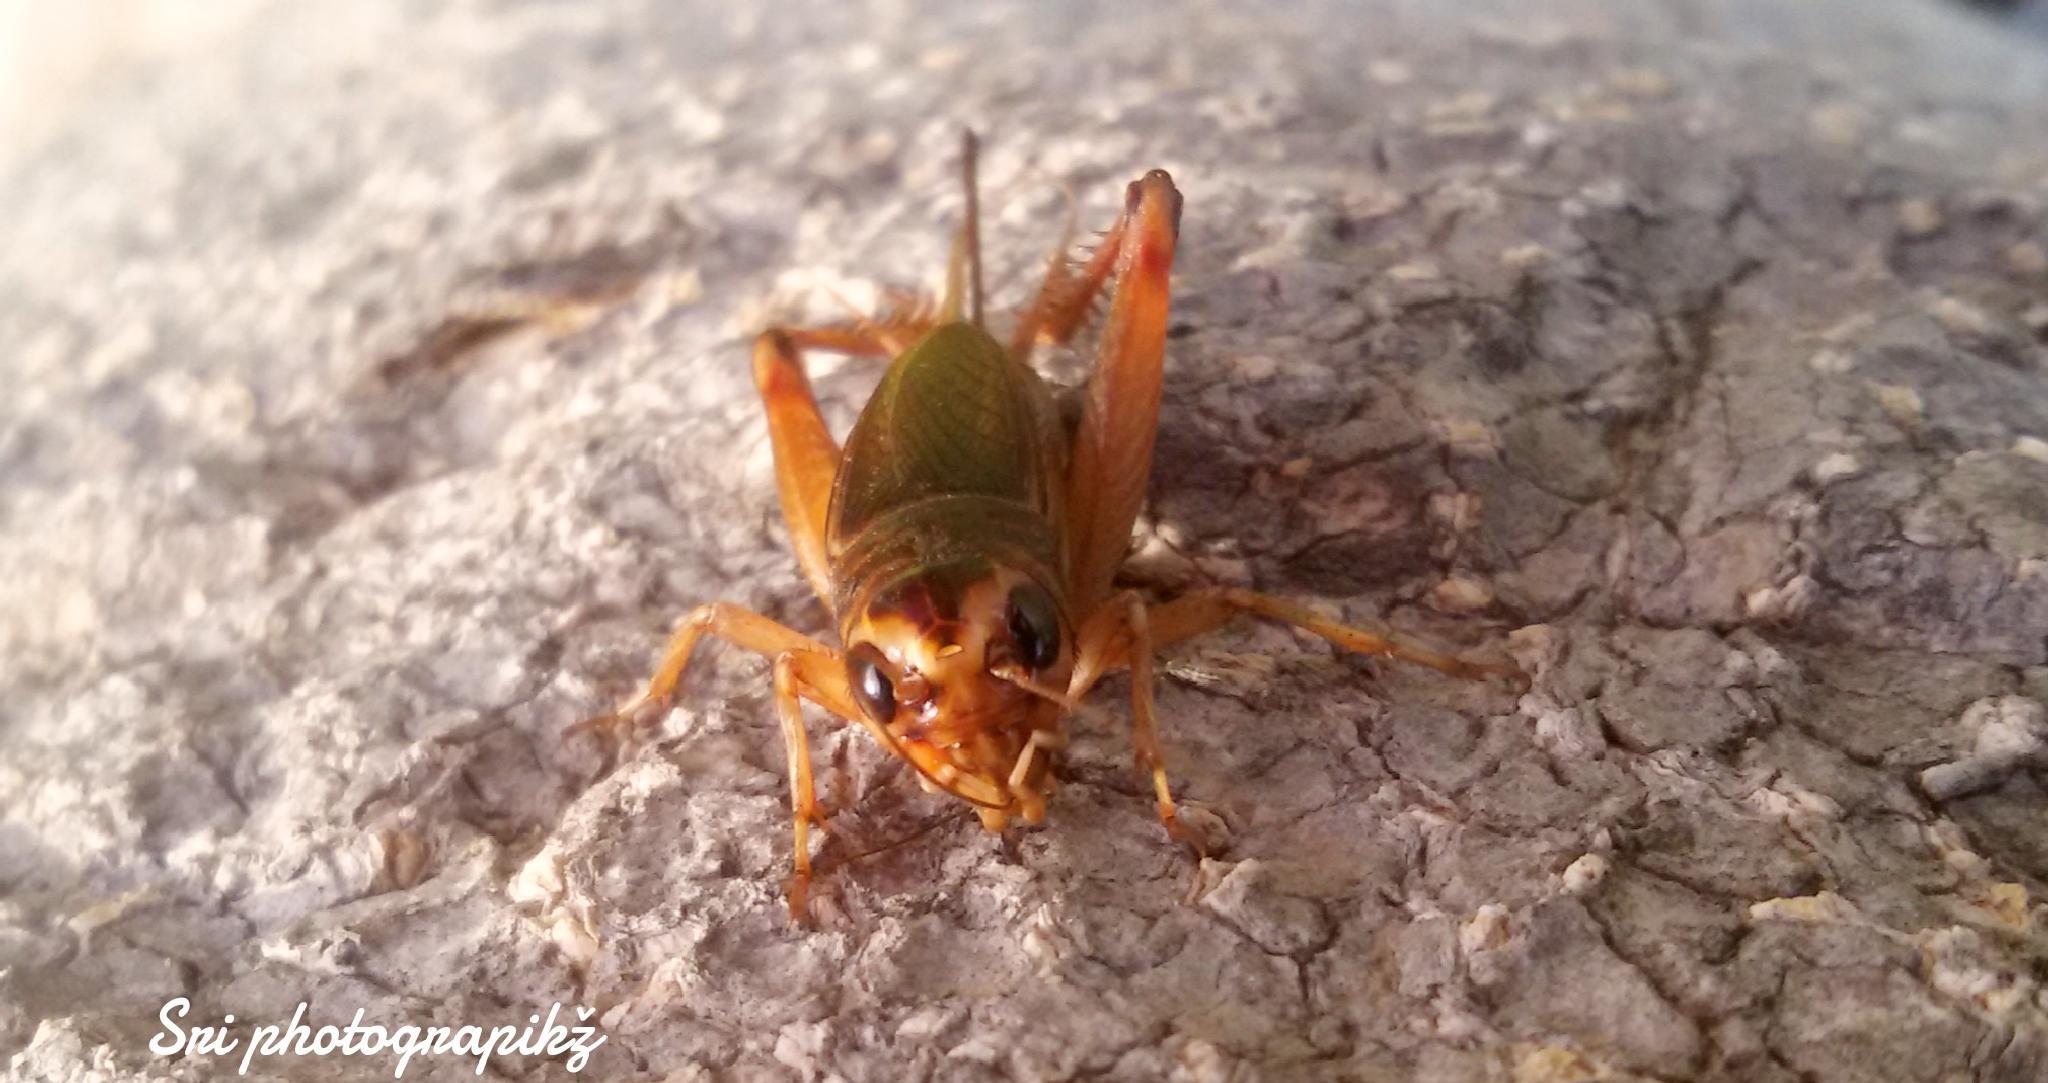 Cricket by Jawahar srinath